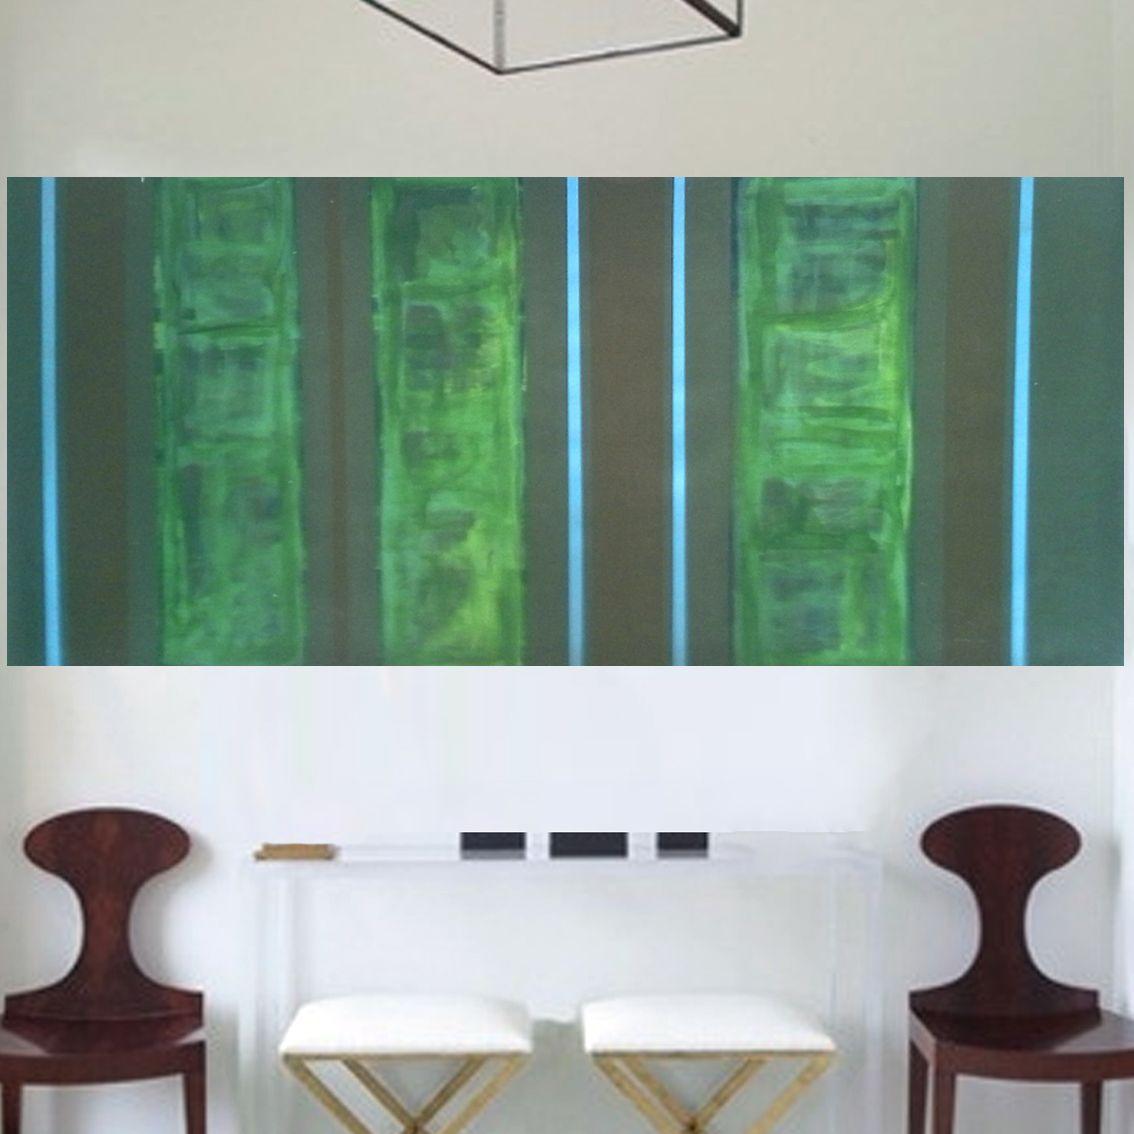 OBRA SIMPLESMENTE INCRÍVEL !!! OBRA À VENDA !  ALOIS HUNKA - ACRÍLICO SOBRE TELA- MEDIDA: 102x204CM  PREÇO SOB CONSULTA UBERARTART@GMAIL.COM  ENTREGAMOS PARA TODO BRASIL #quadros #quadro #arte #artista #decora #decoracao #decor #designhouse #pintura #interiores #interiordecor #criatividade #art #arq #home #arquitetura #picture #decoracaodeinteriores #colorido #colors #cor #cores #artesplasticas #artecontemporânea #supercolorido #decoracao